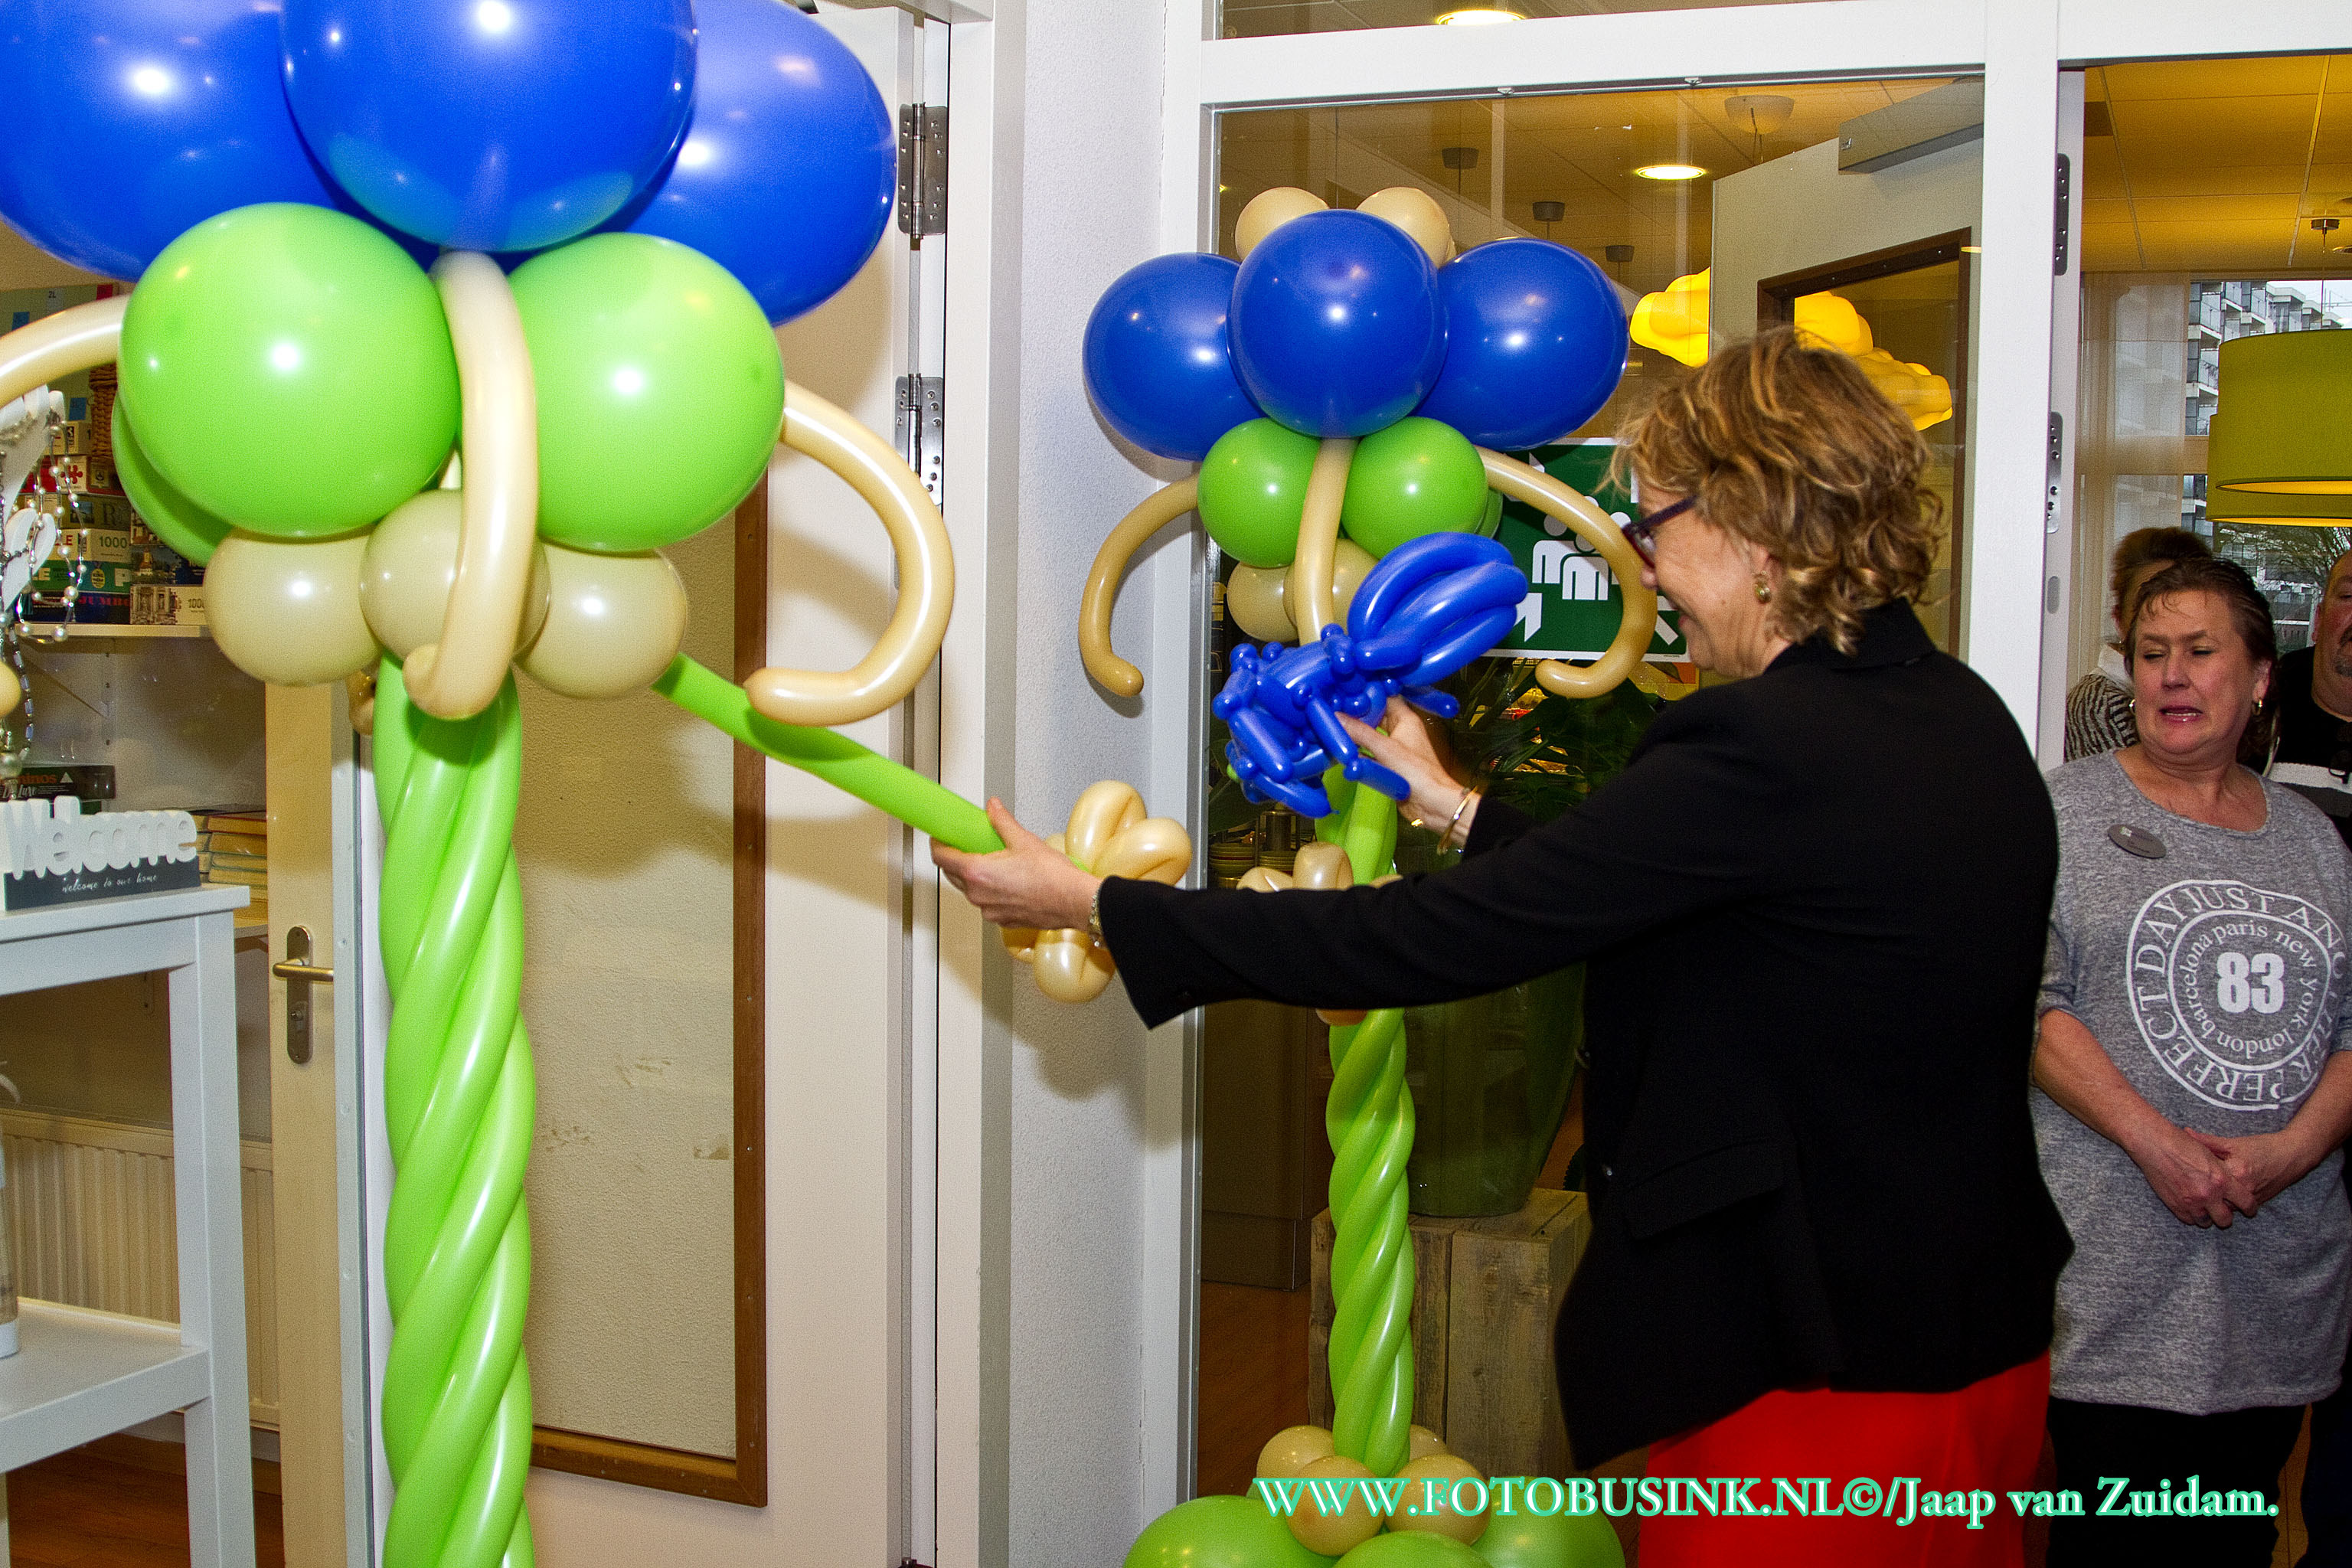 Opening van 't Swinkeltje & Uitbureau in De Lichtkring in Zwijndrecht.